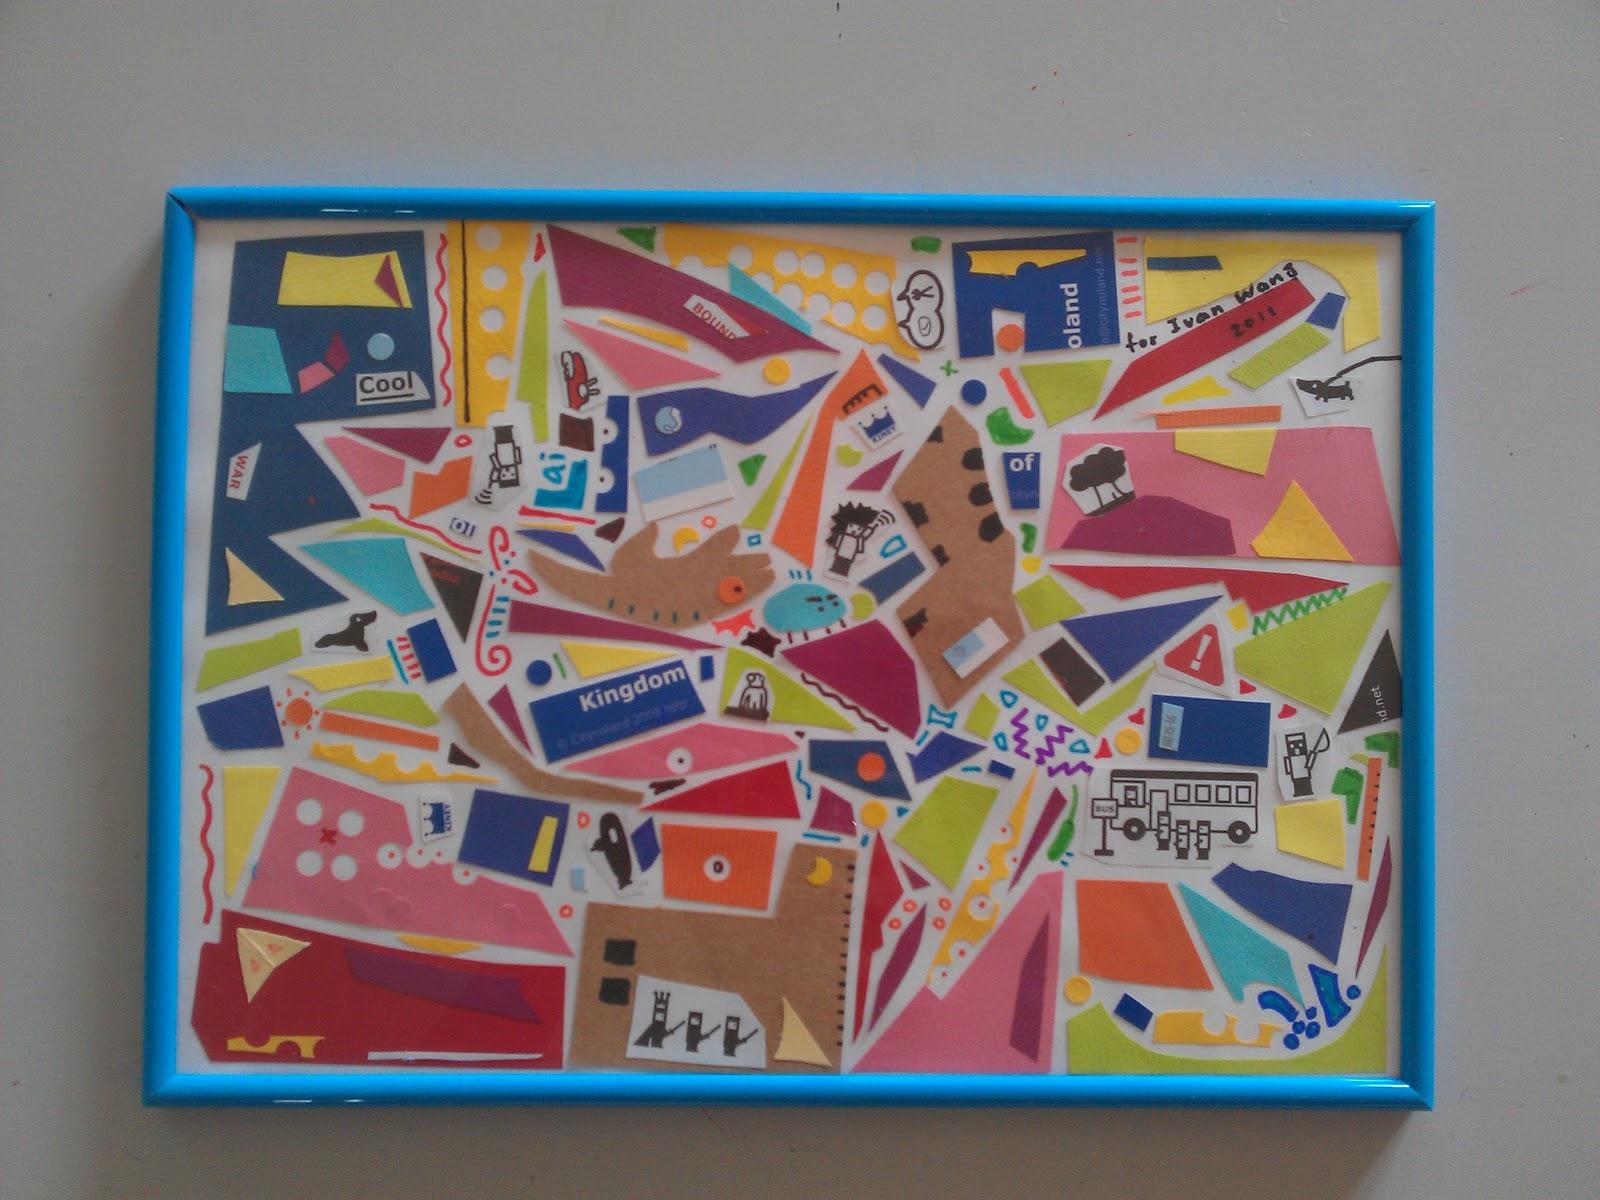 西提王國當代藝術教室-臺中兒童美術班: 10/22學生作品:幾何抽象剪貼